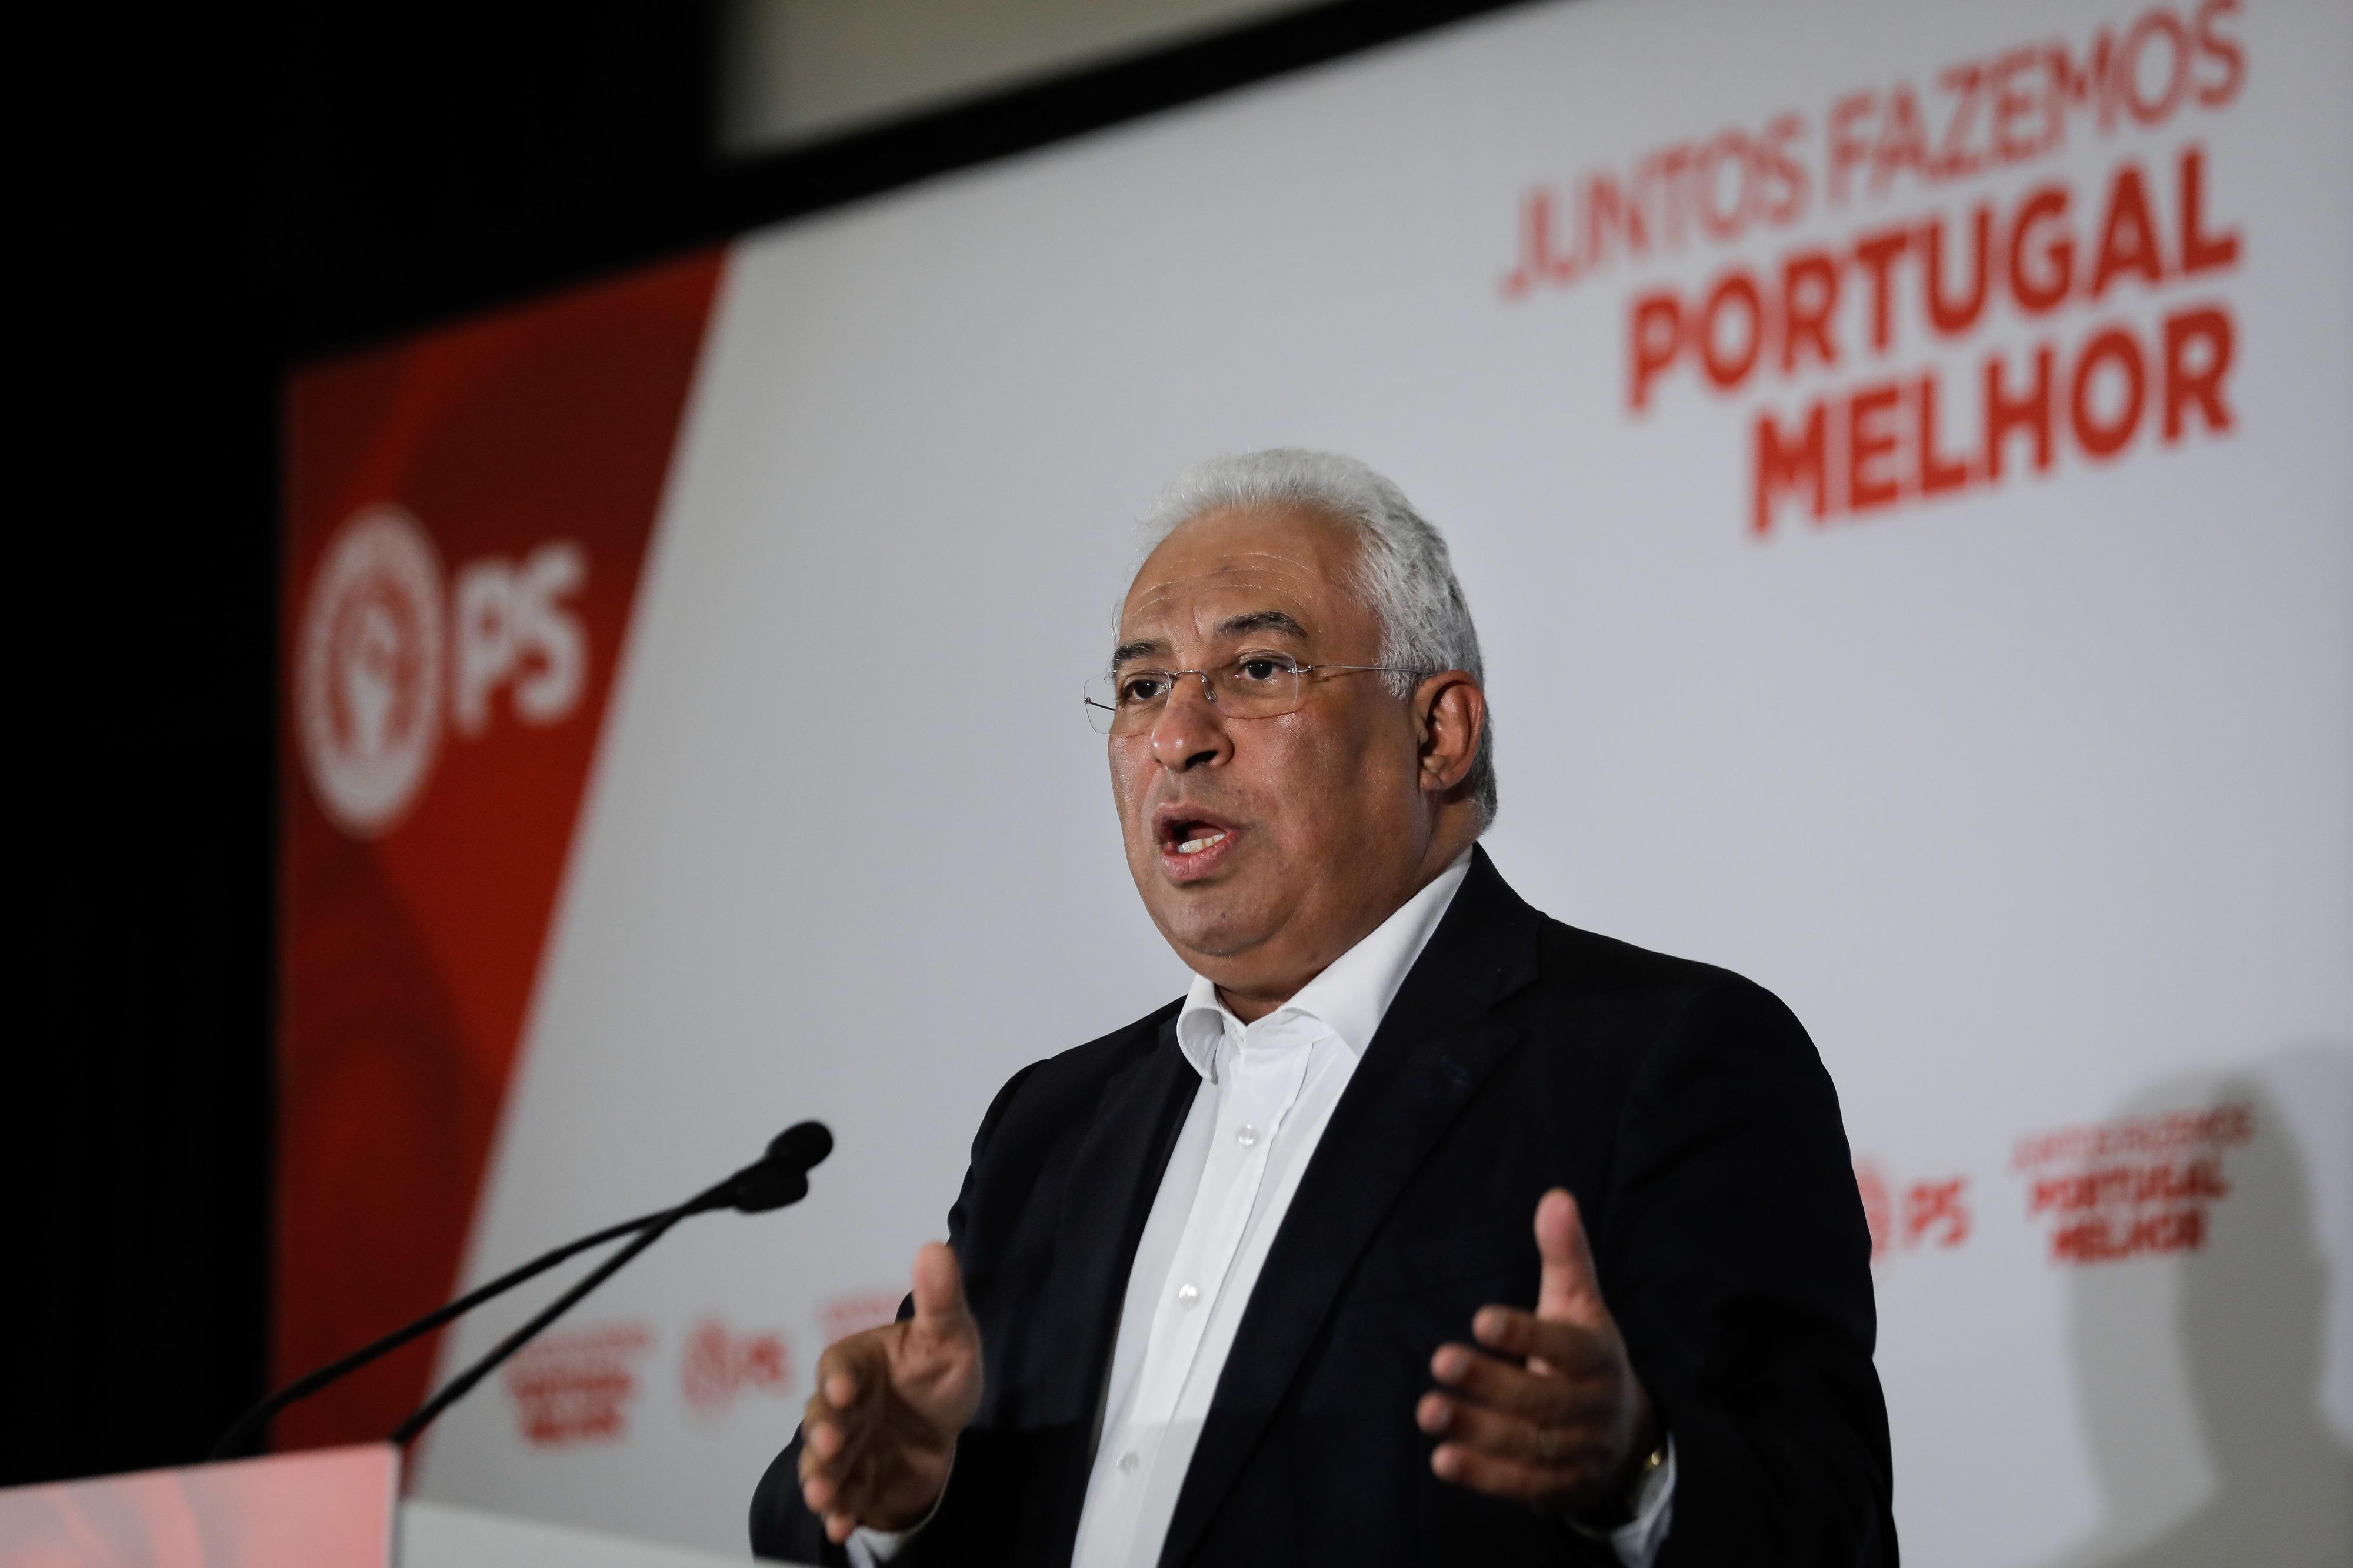 Costa recusa eleitoralismo e diz que trabalha para década de convergência com UE